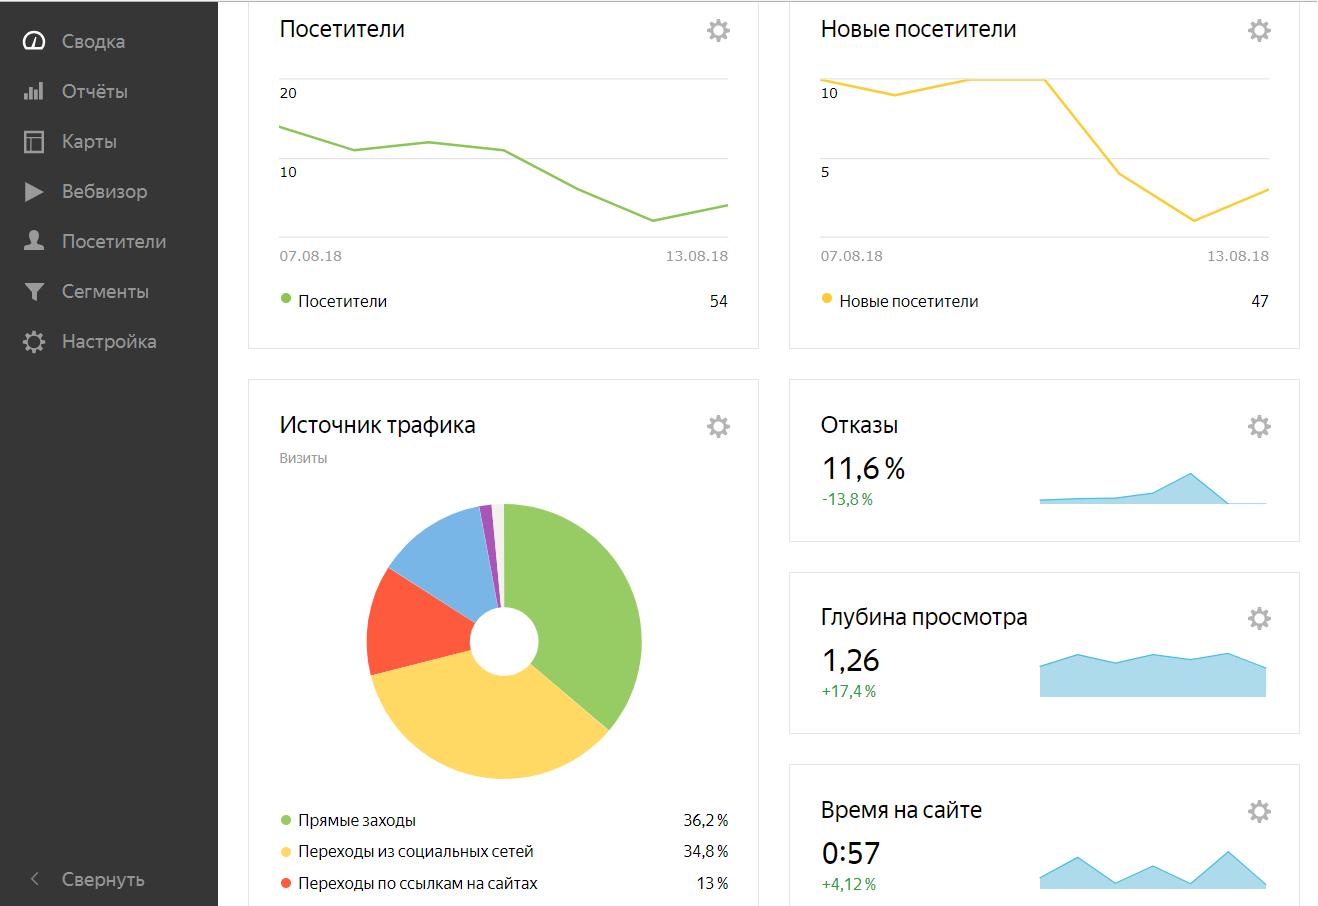 Яндекс Метрика эффективность рекламных кампаний